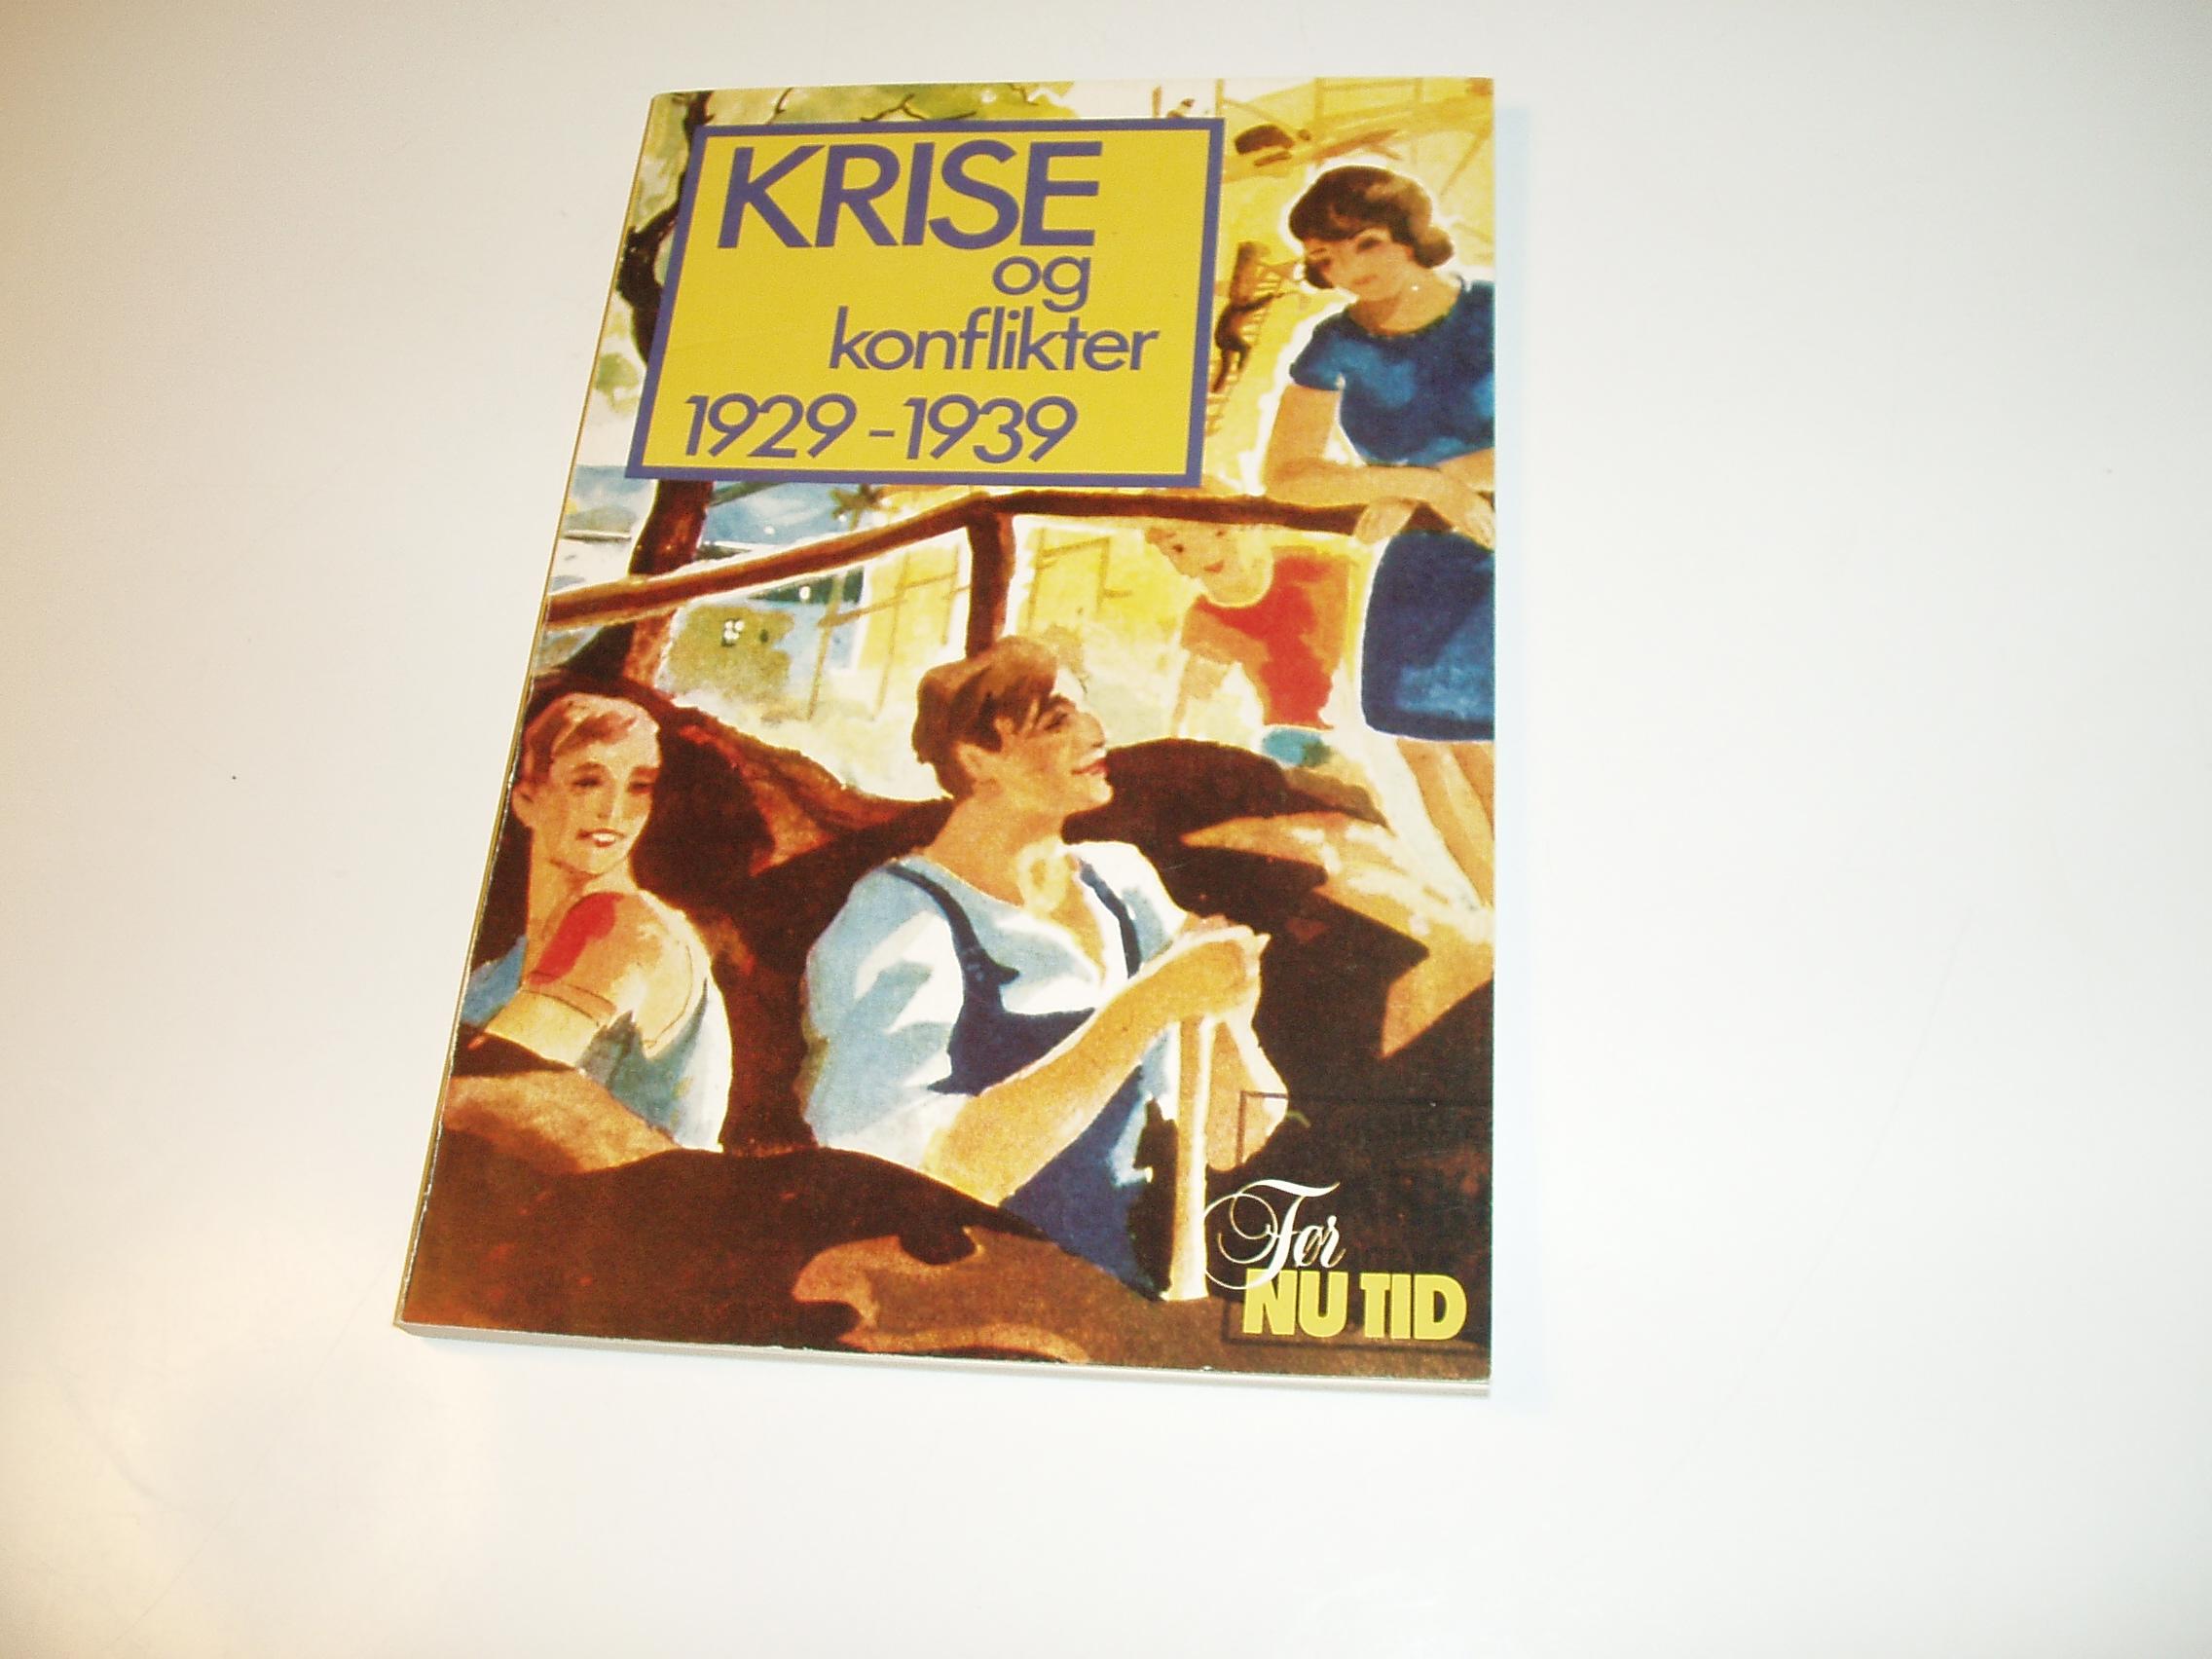 1929-1939: Krise og konflikter (Før nu tid)